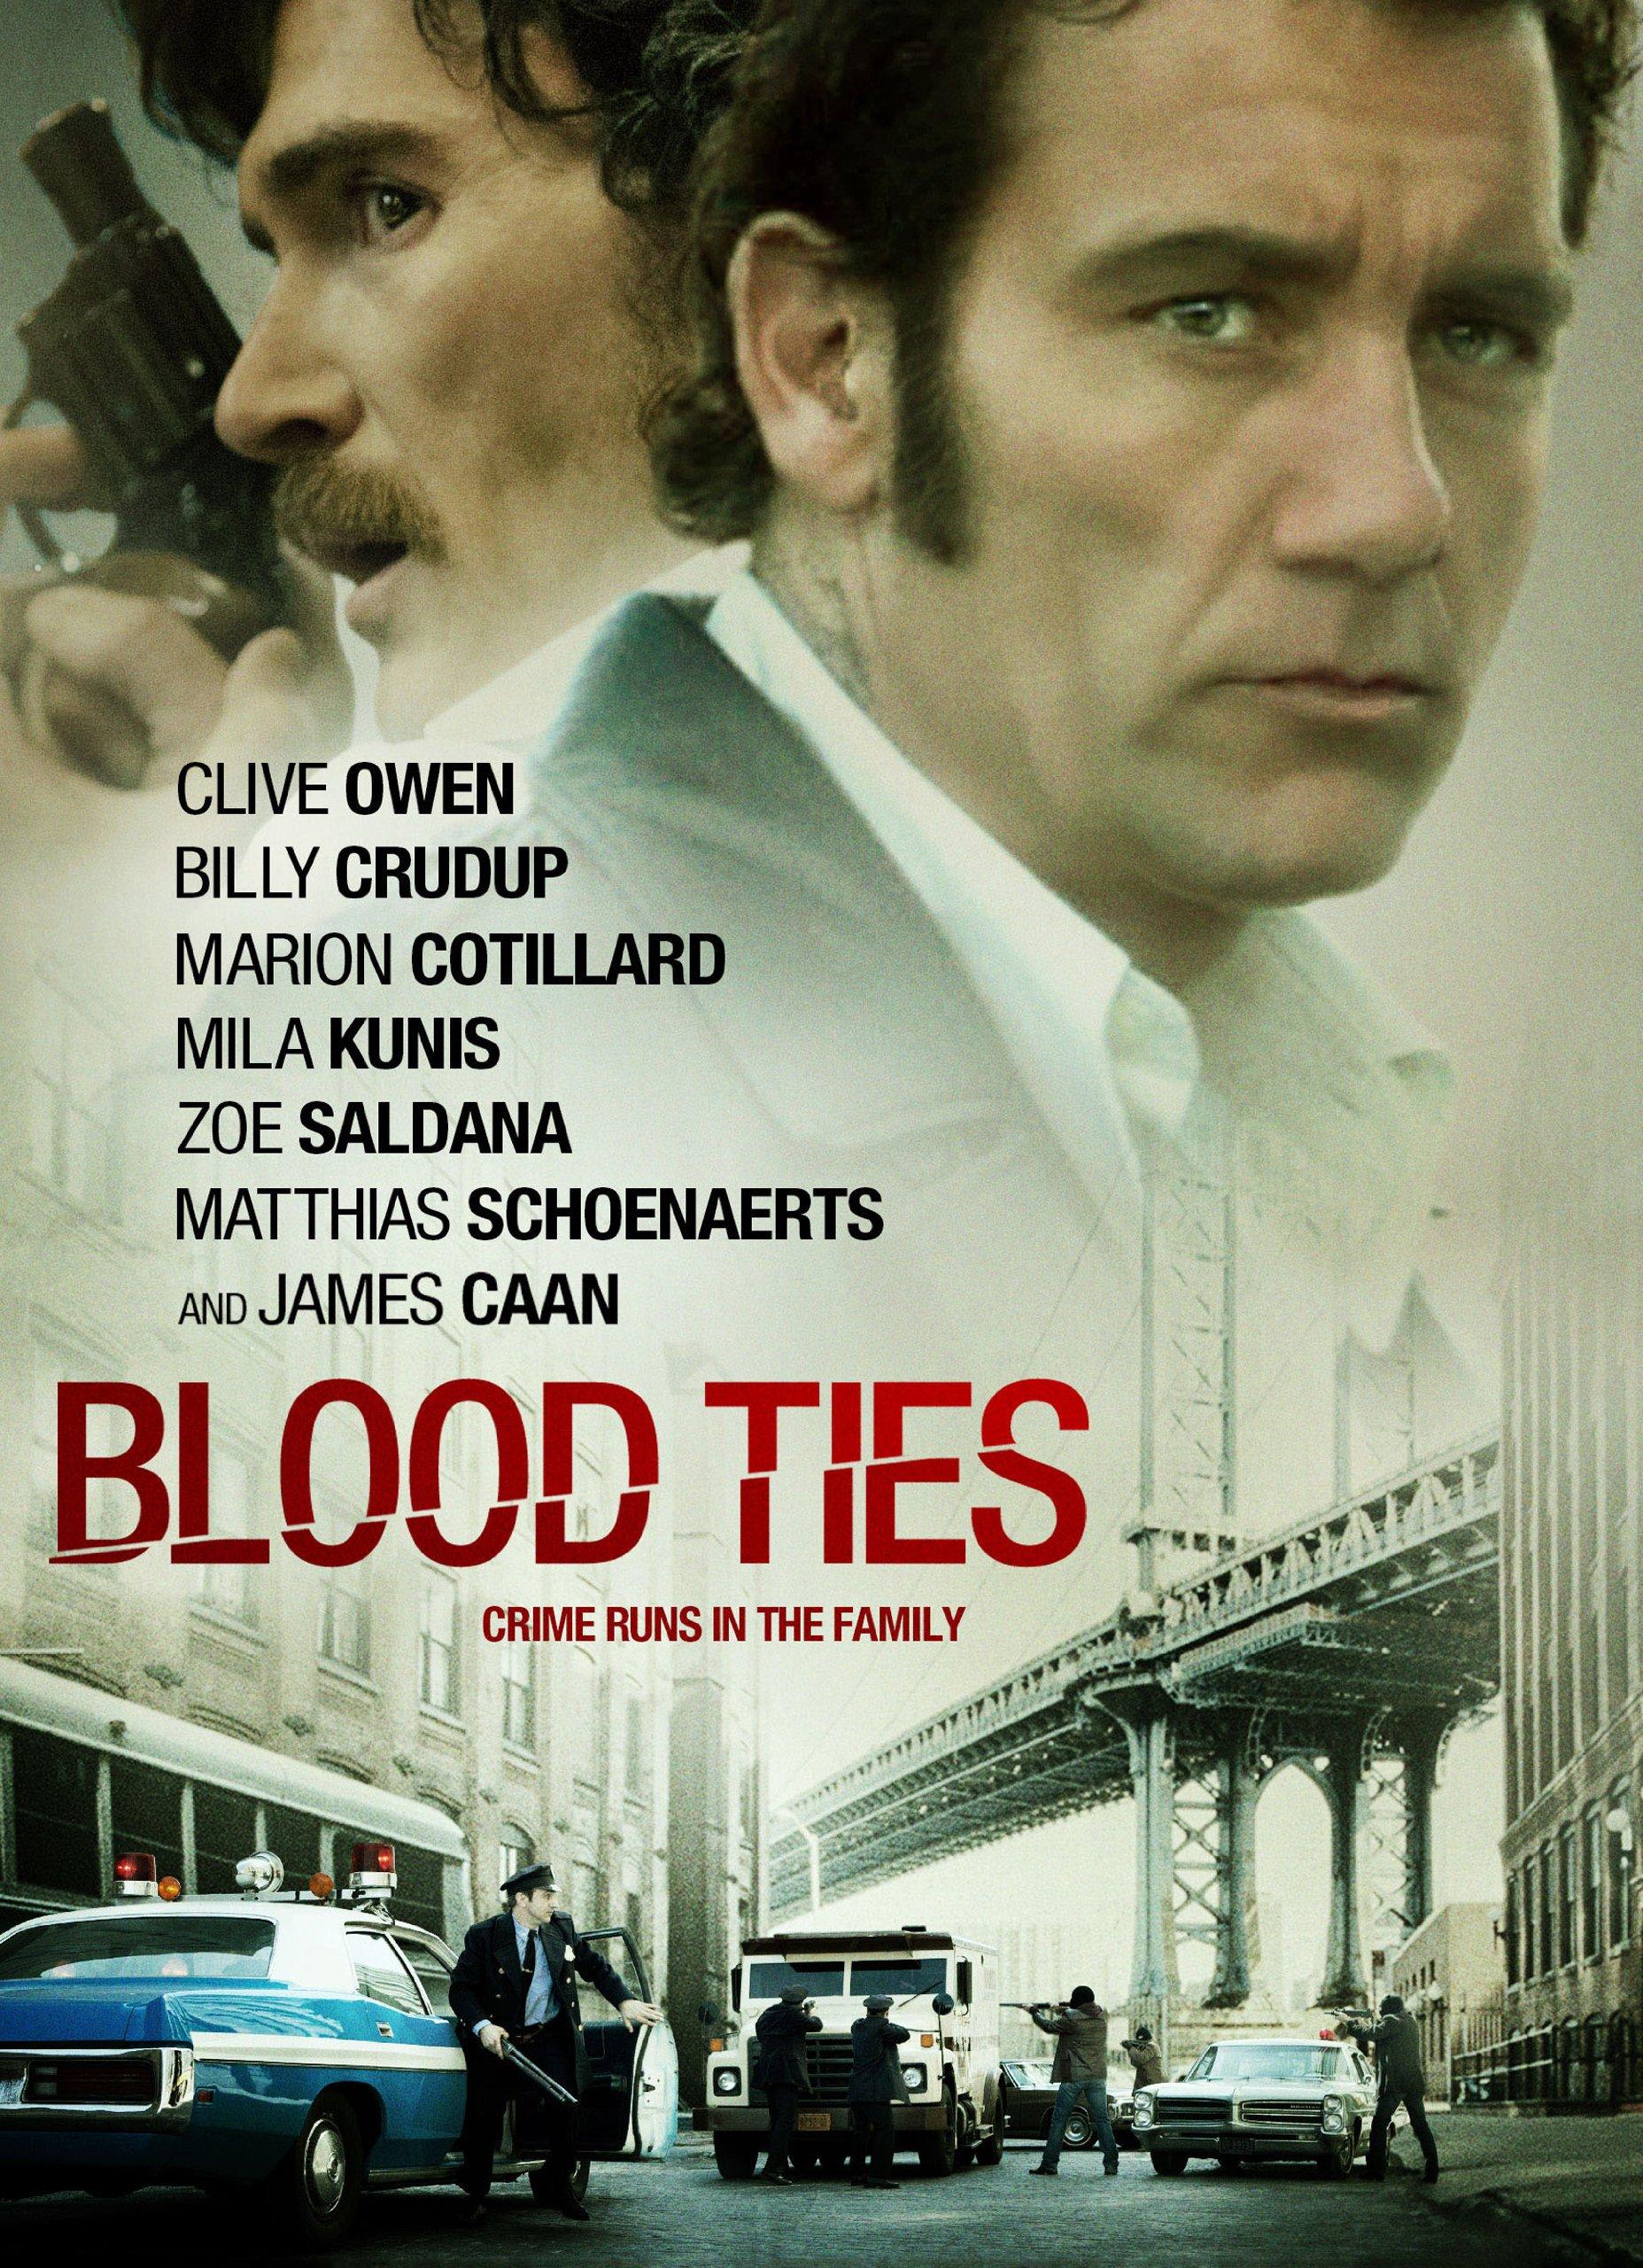 blood ties movie watch online free